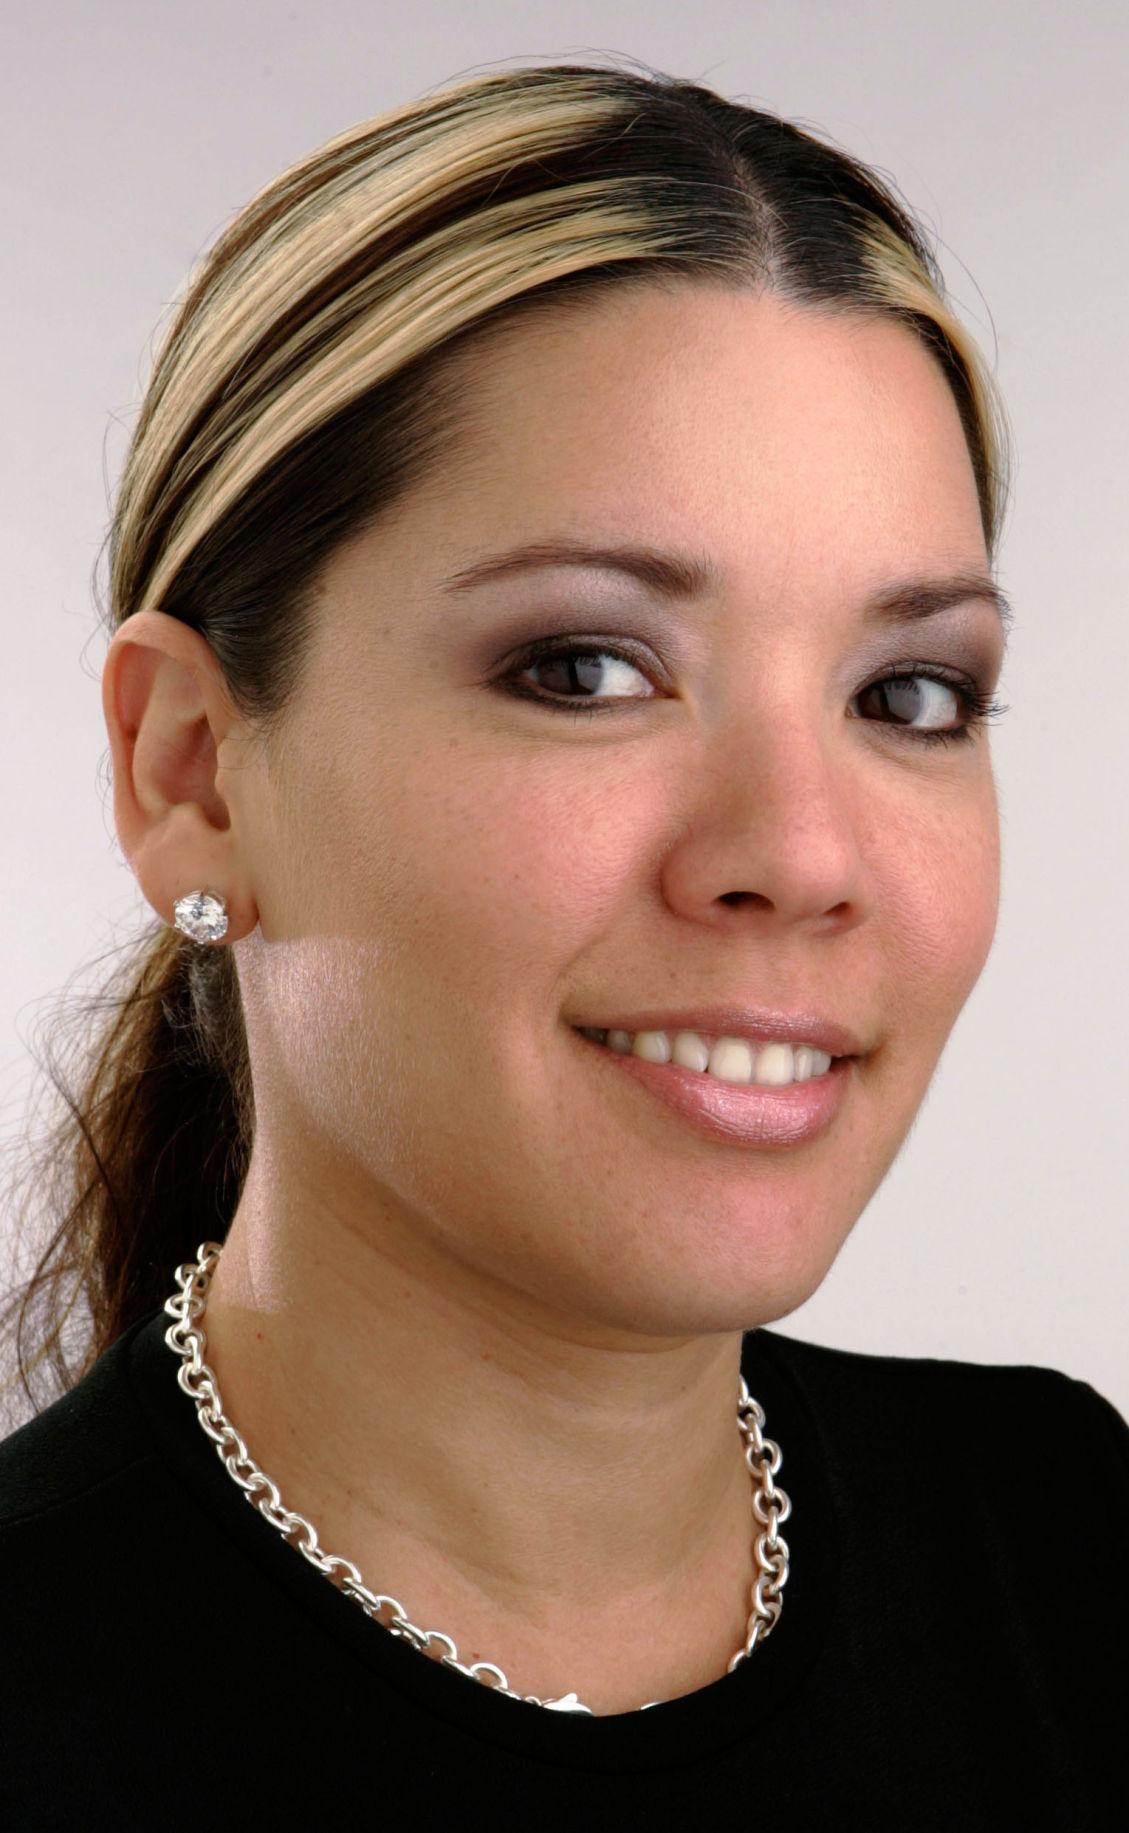 Maria Camou